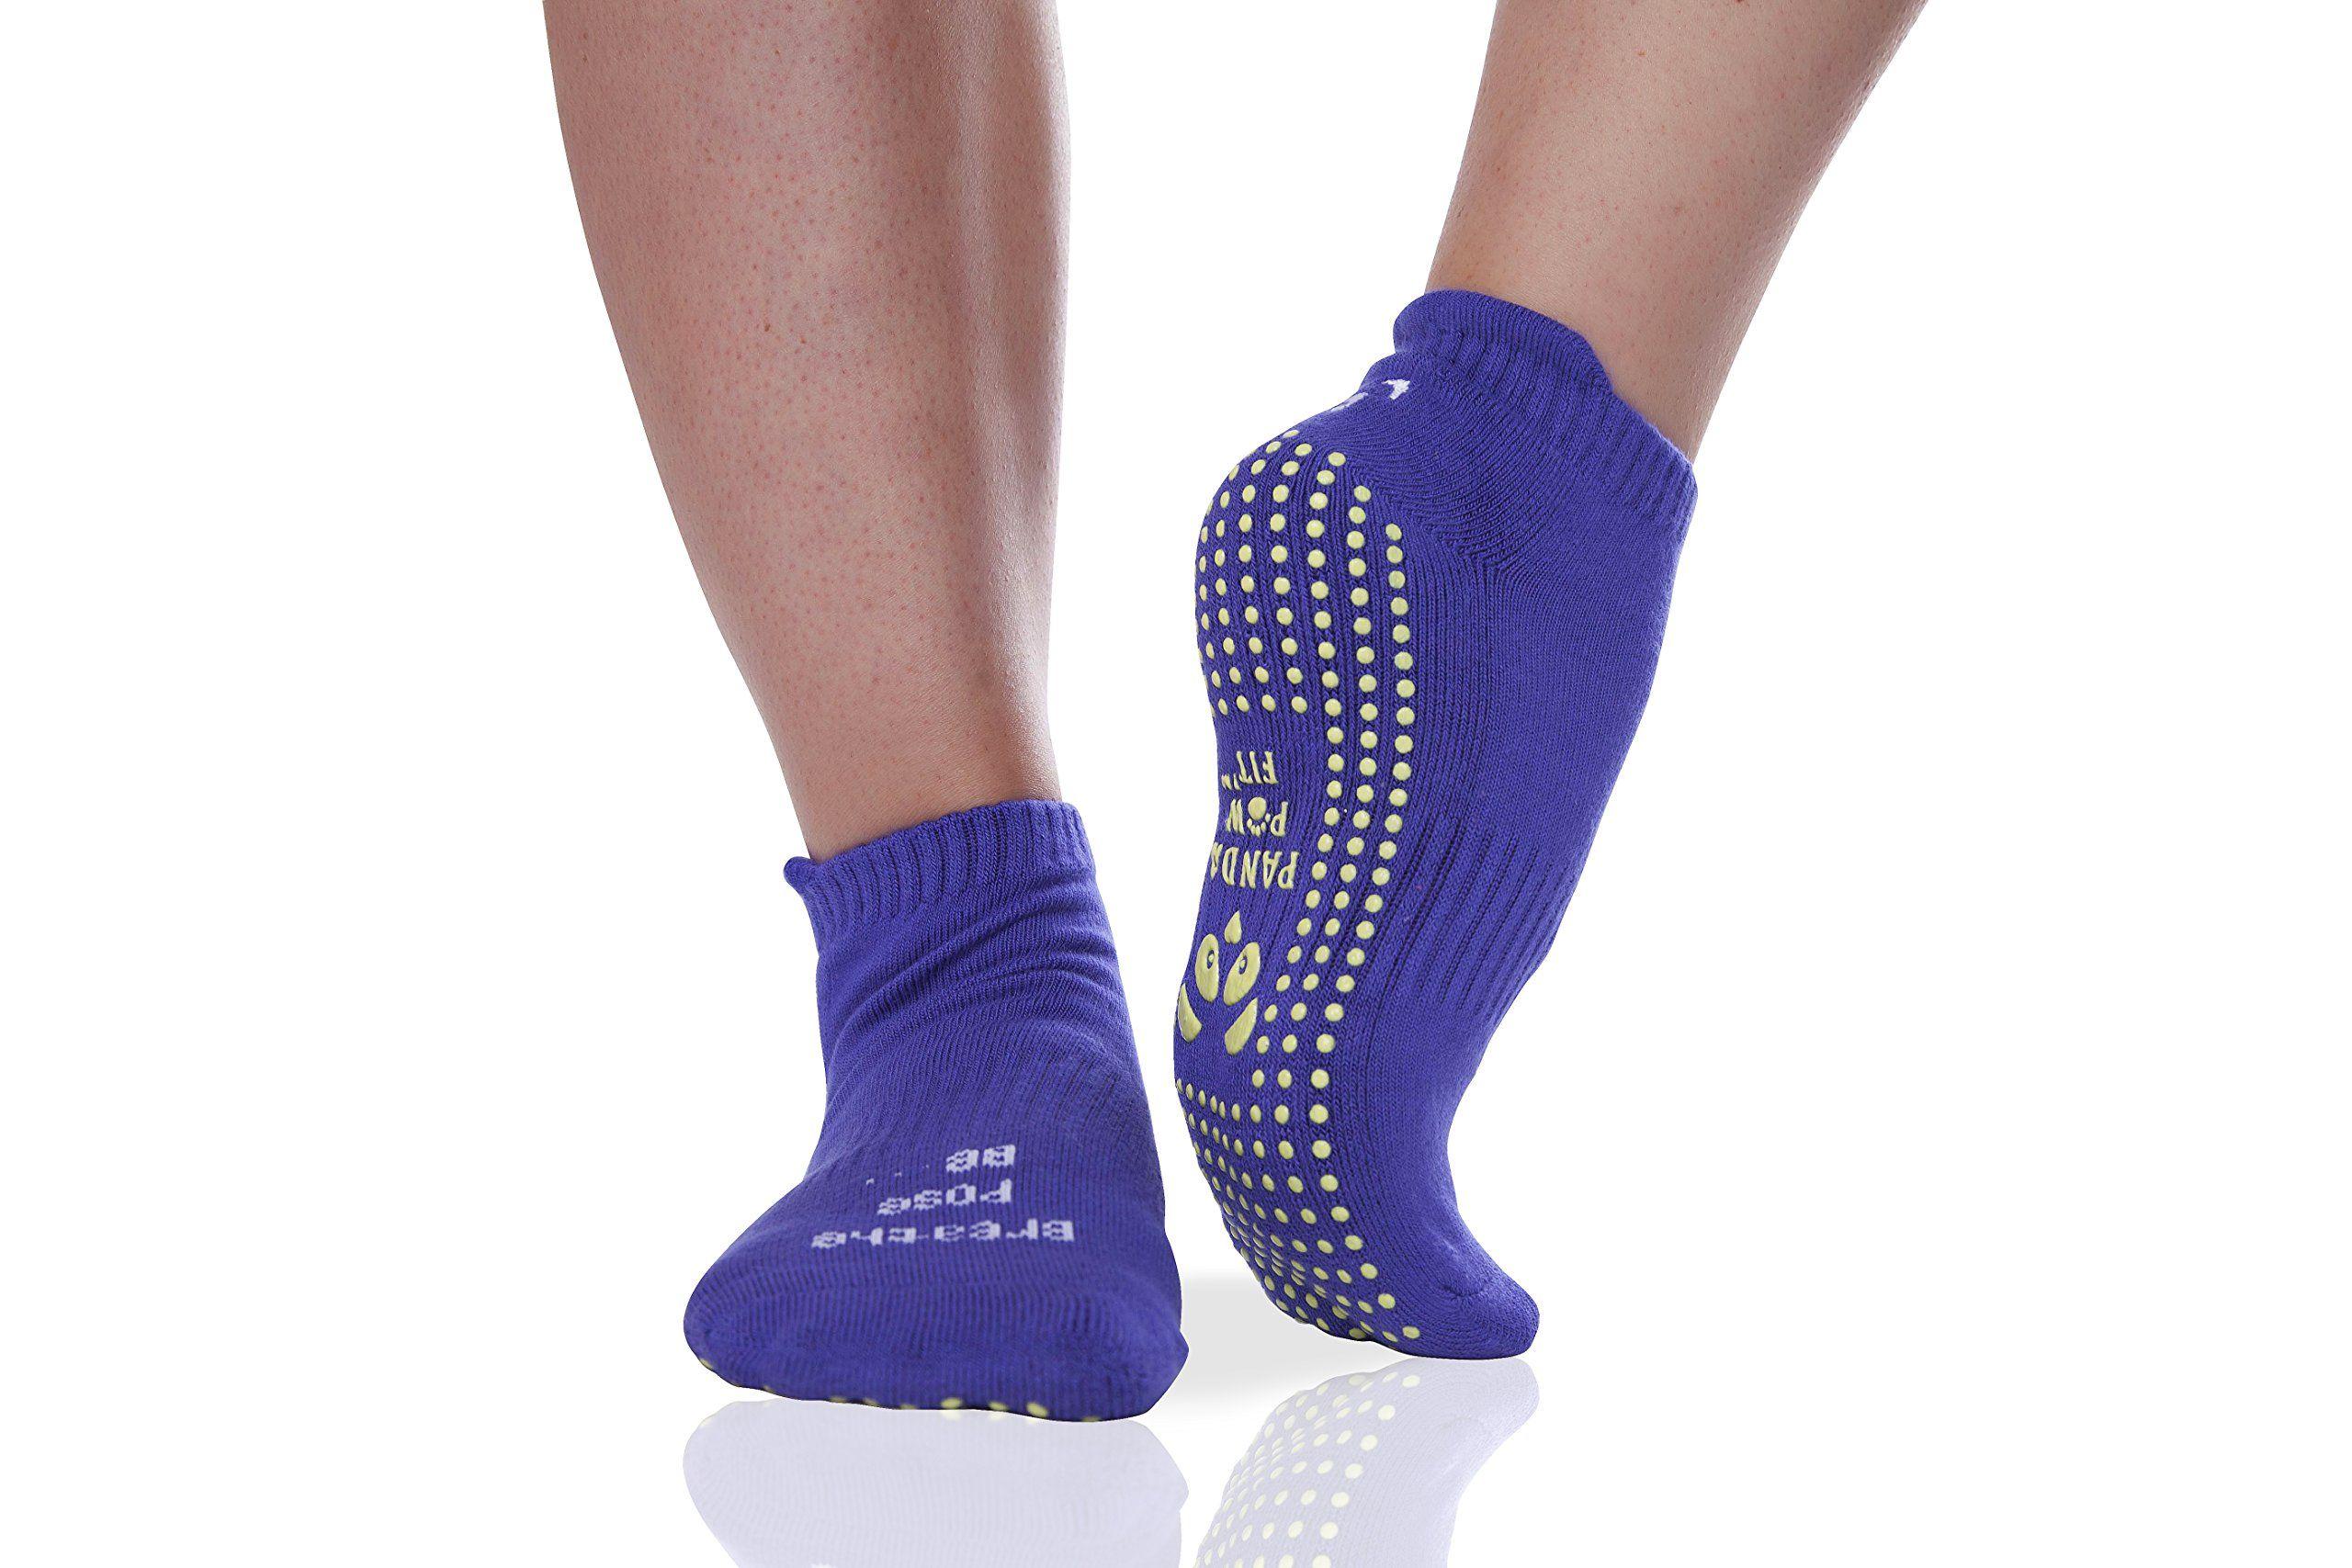 Bamboo Yoga Socks Non Slip Full Toe Grip For Pilates Barre And